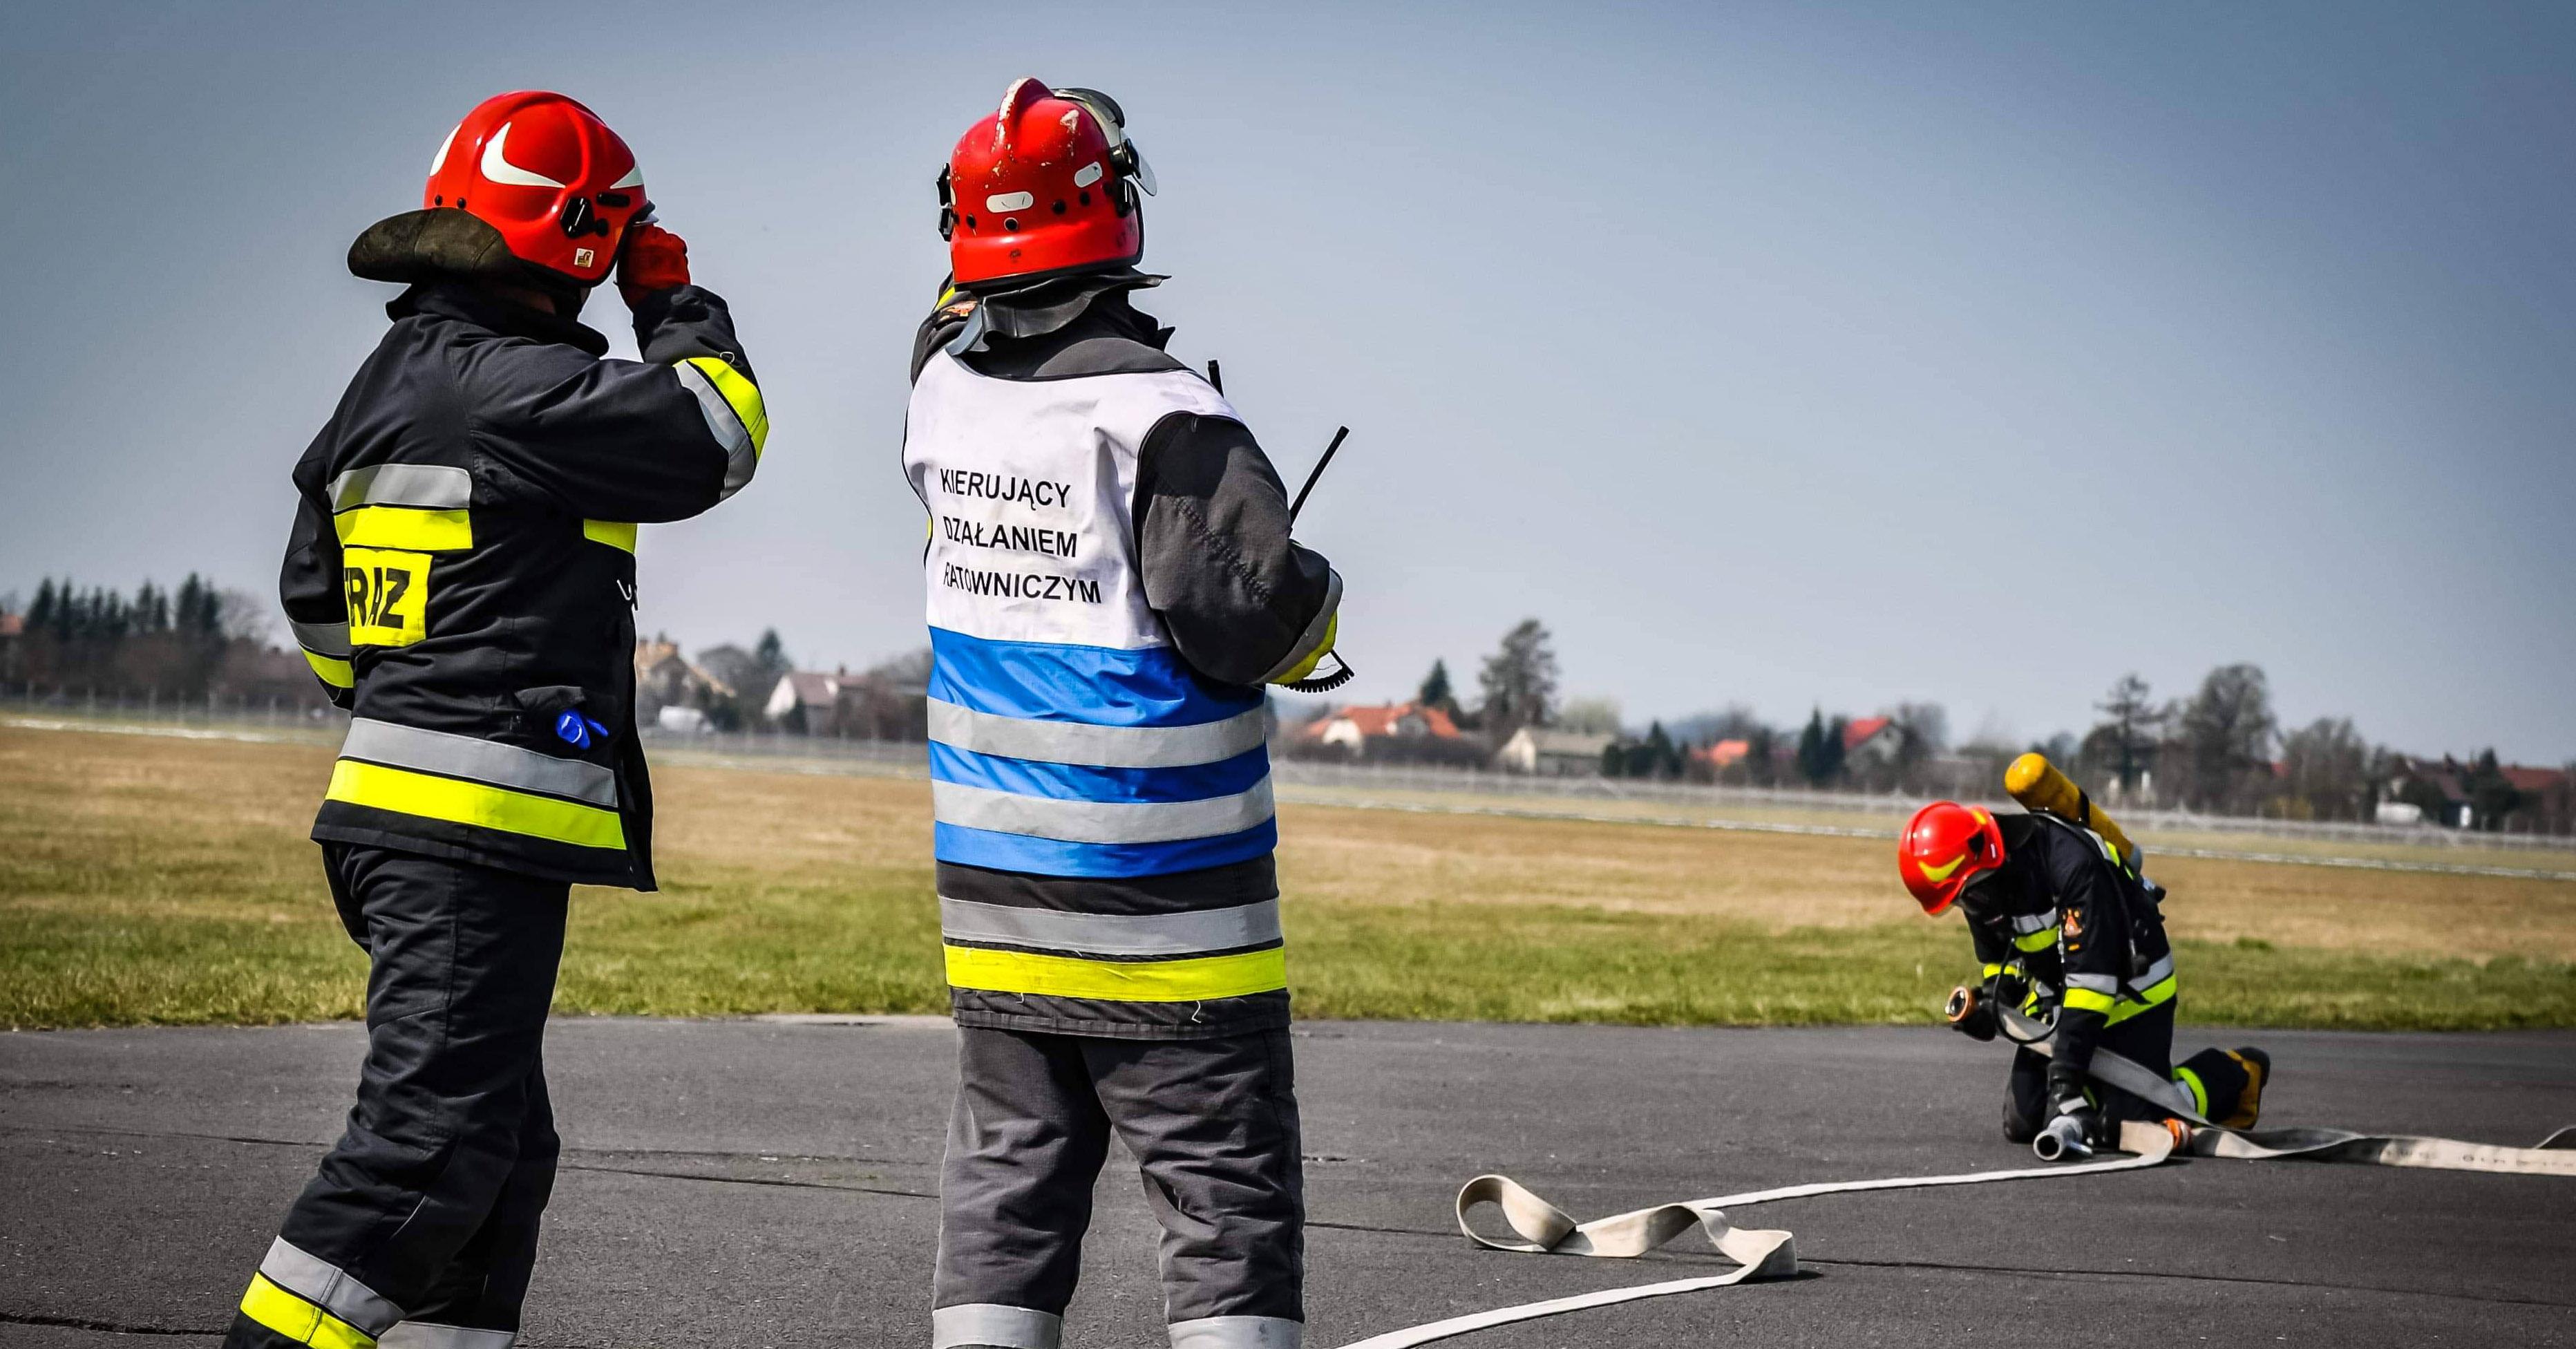 Jak często mieleccy strażacy wyjeżdżali na akcje?  - Zdjęcie główne